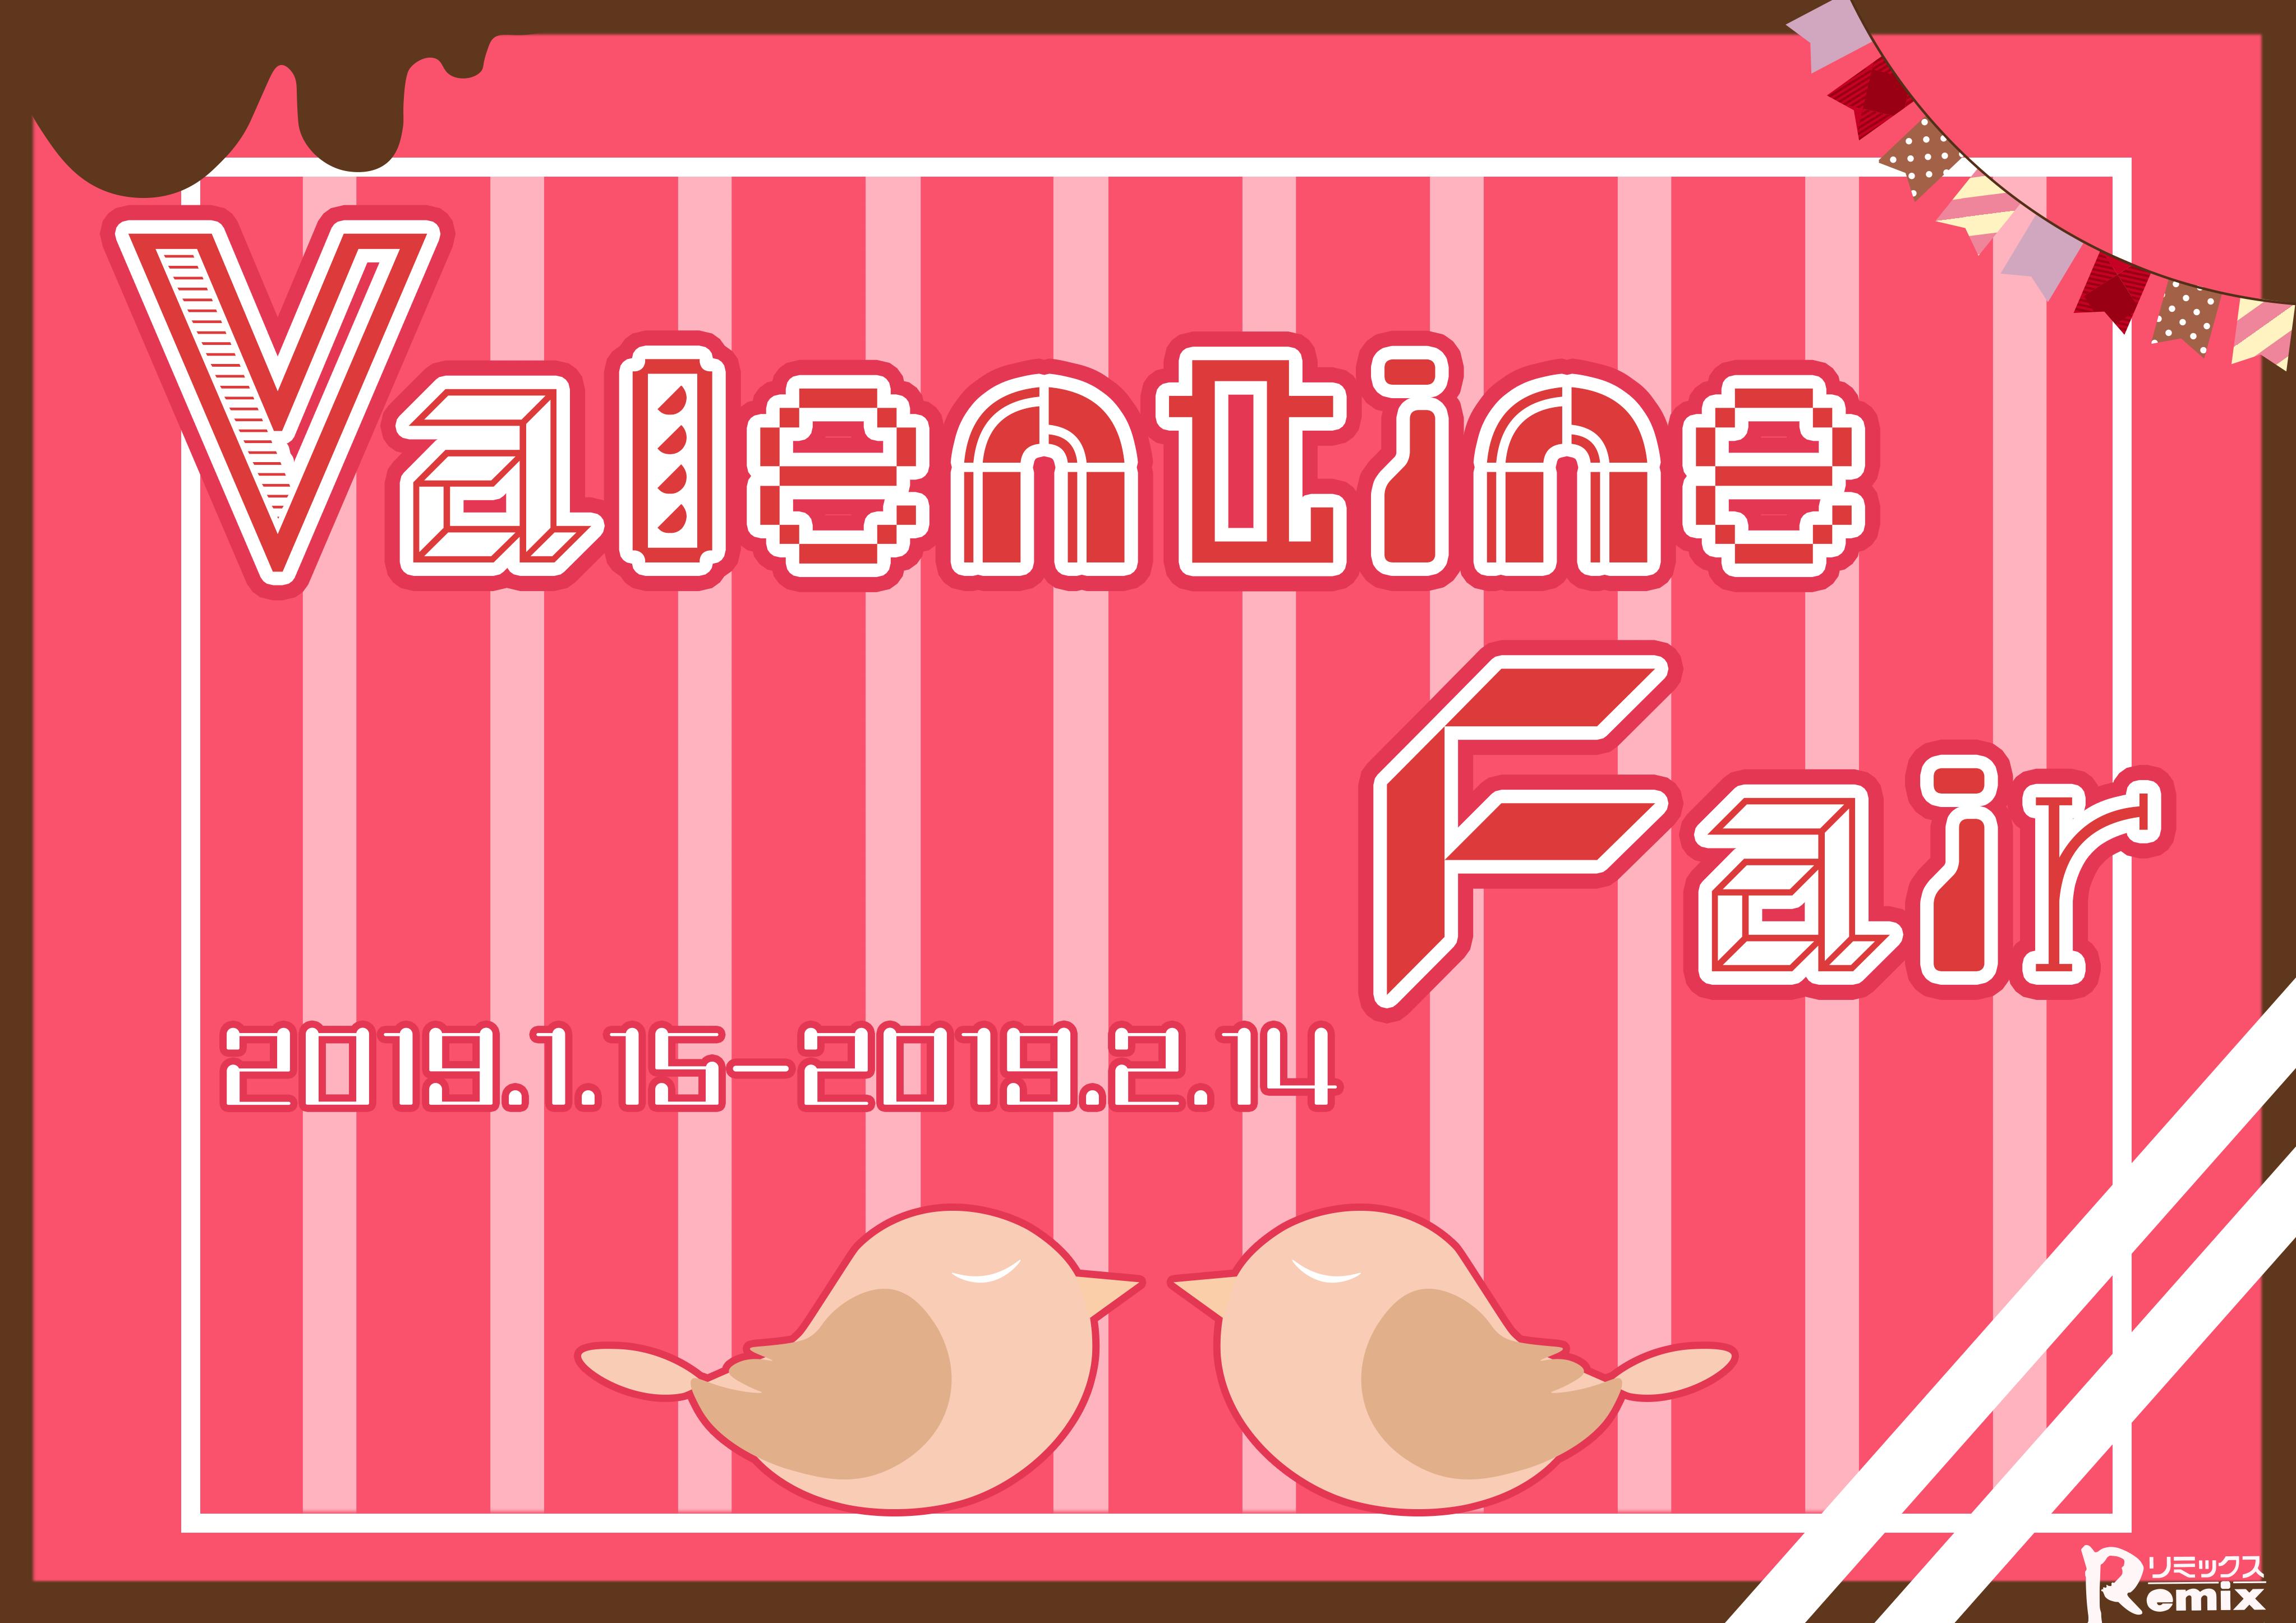 本日よりバレンタインフェア 春日井 290115